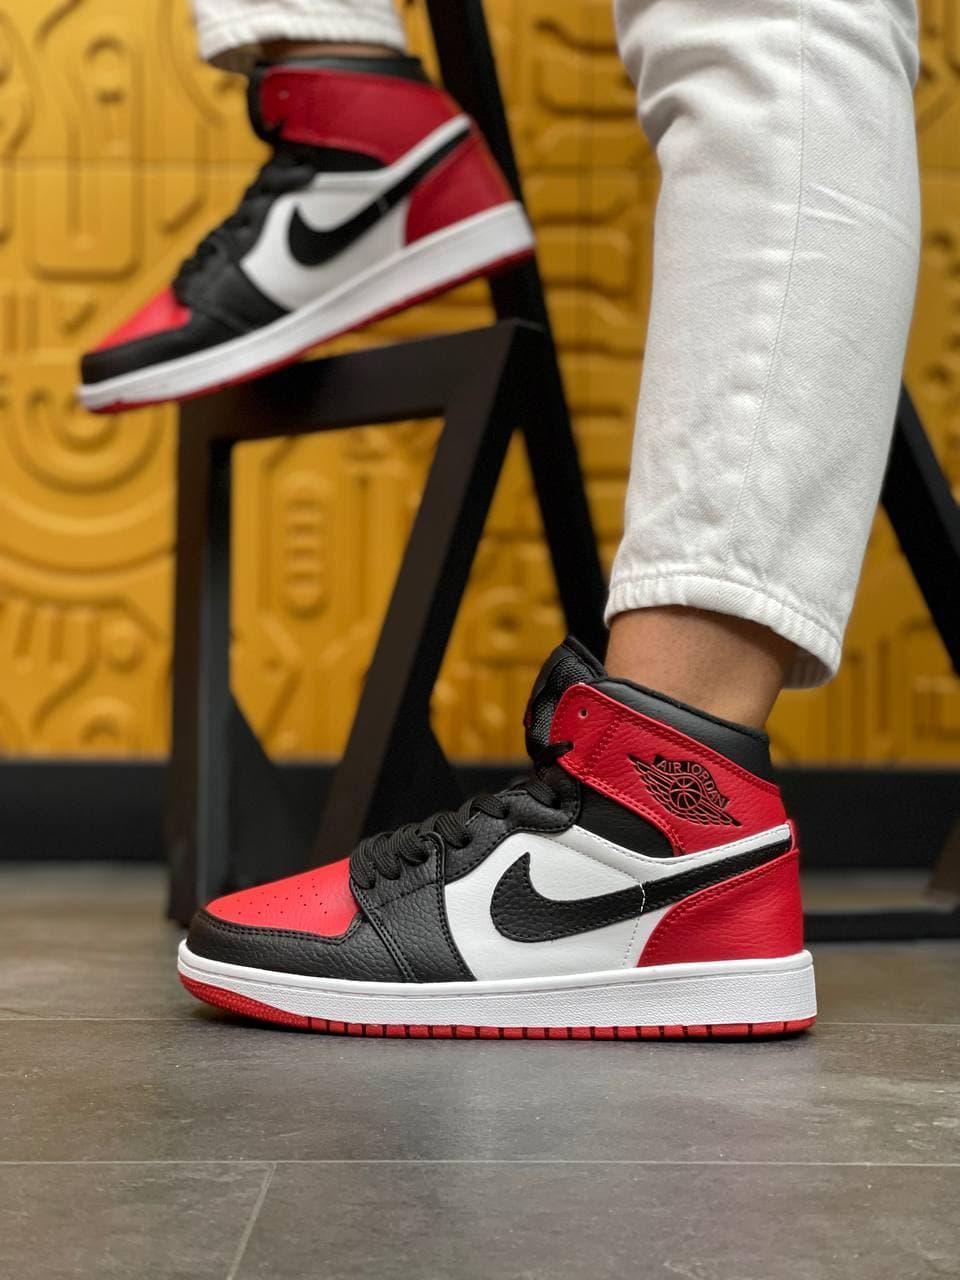 Жіночі кросівки Nike Air Jordan High S Black/Red (чорно-червоні) В1260 високі стильні демісезонні кроси